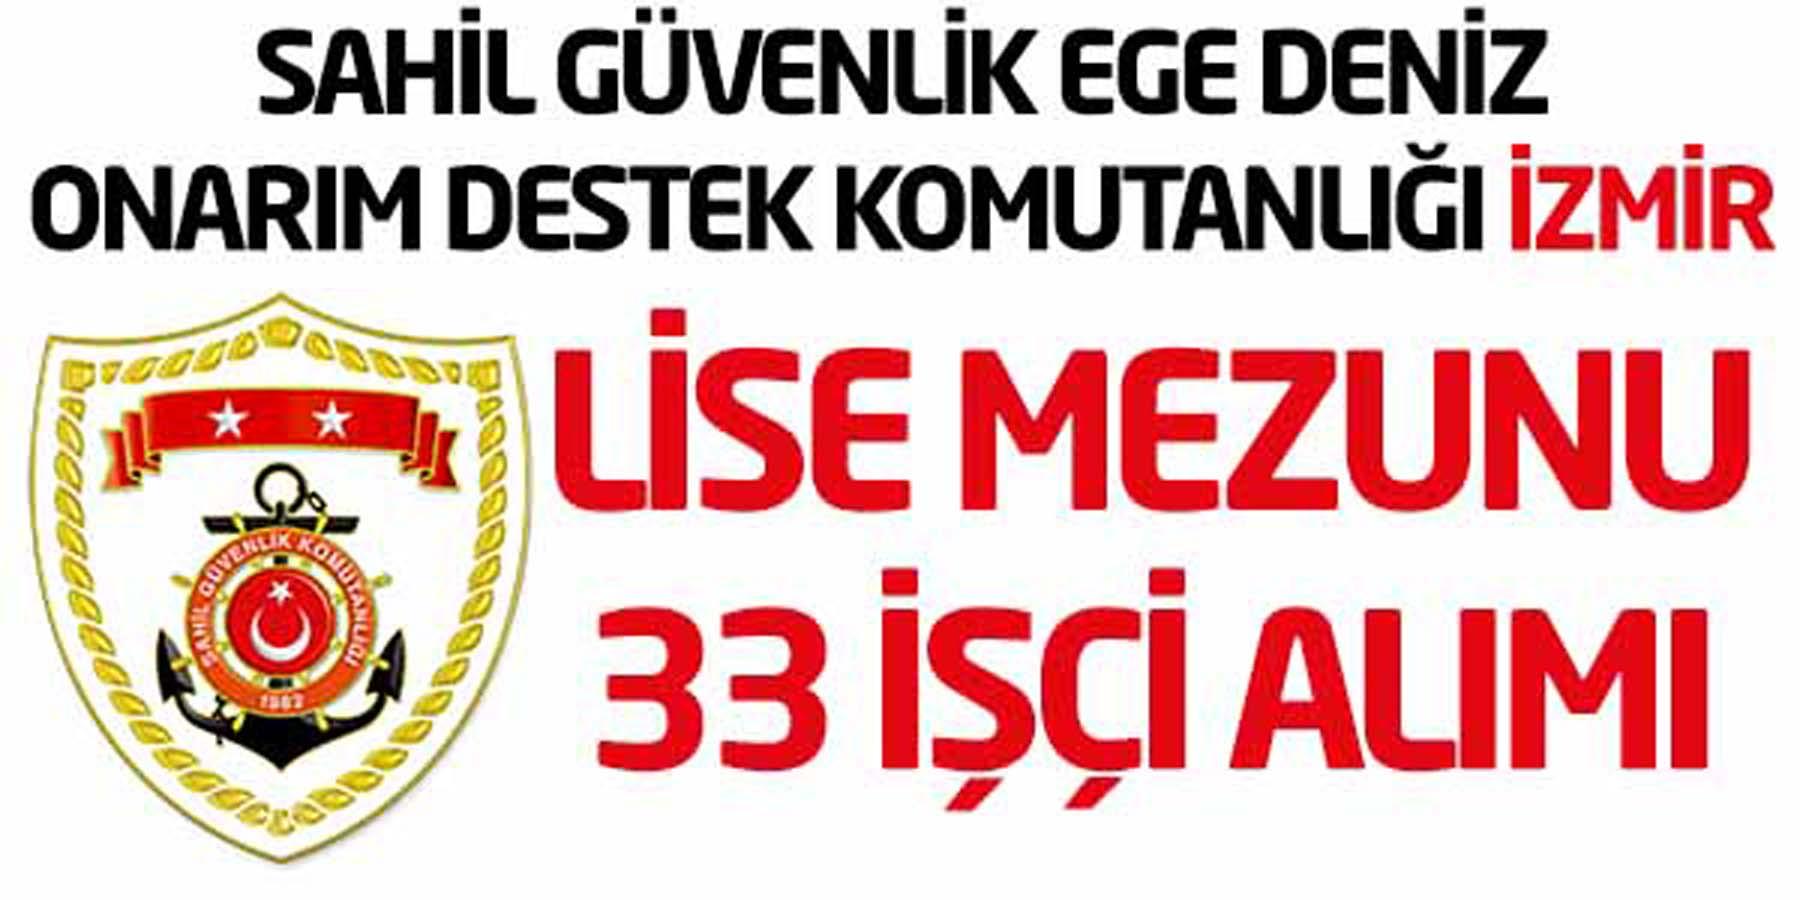 Sahil Güvenlik Ege Deniz Onarım Destek Komutanlığı İzmir 33 İşçi Alımı